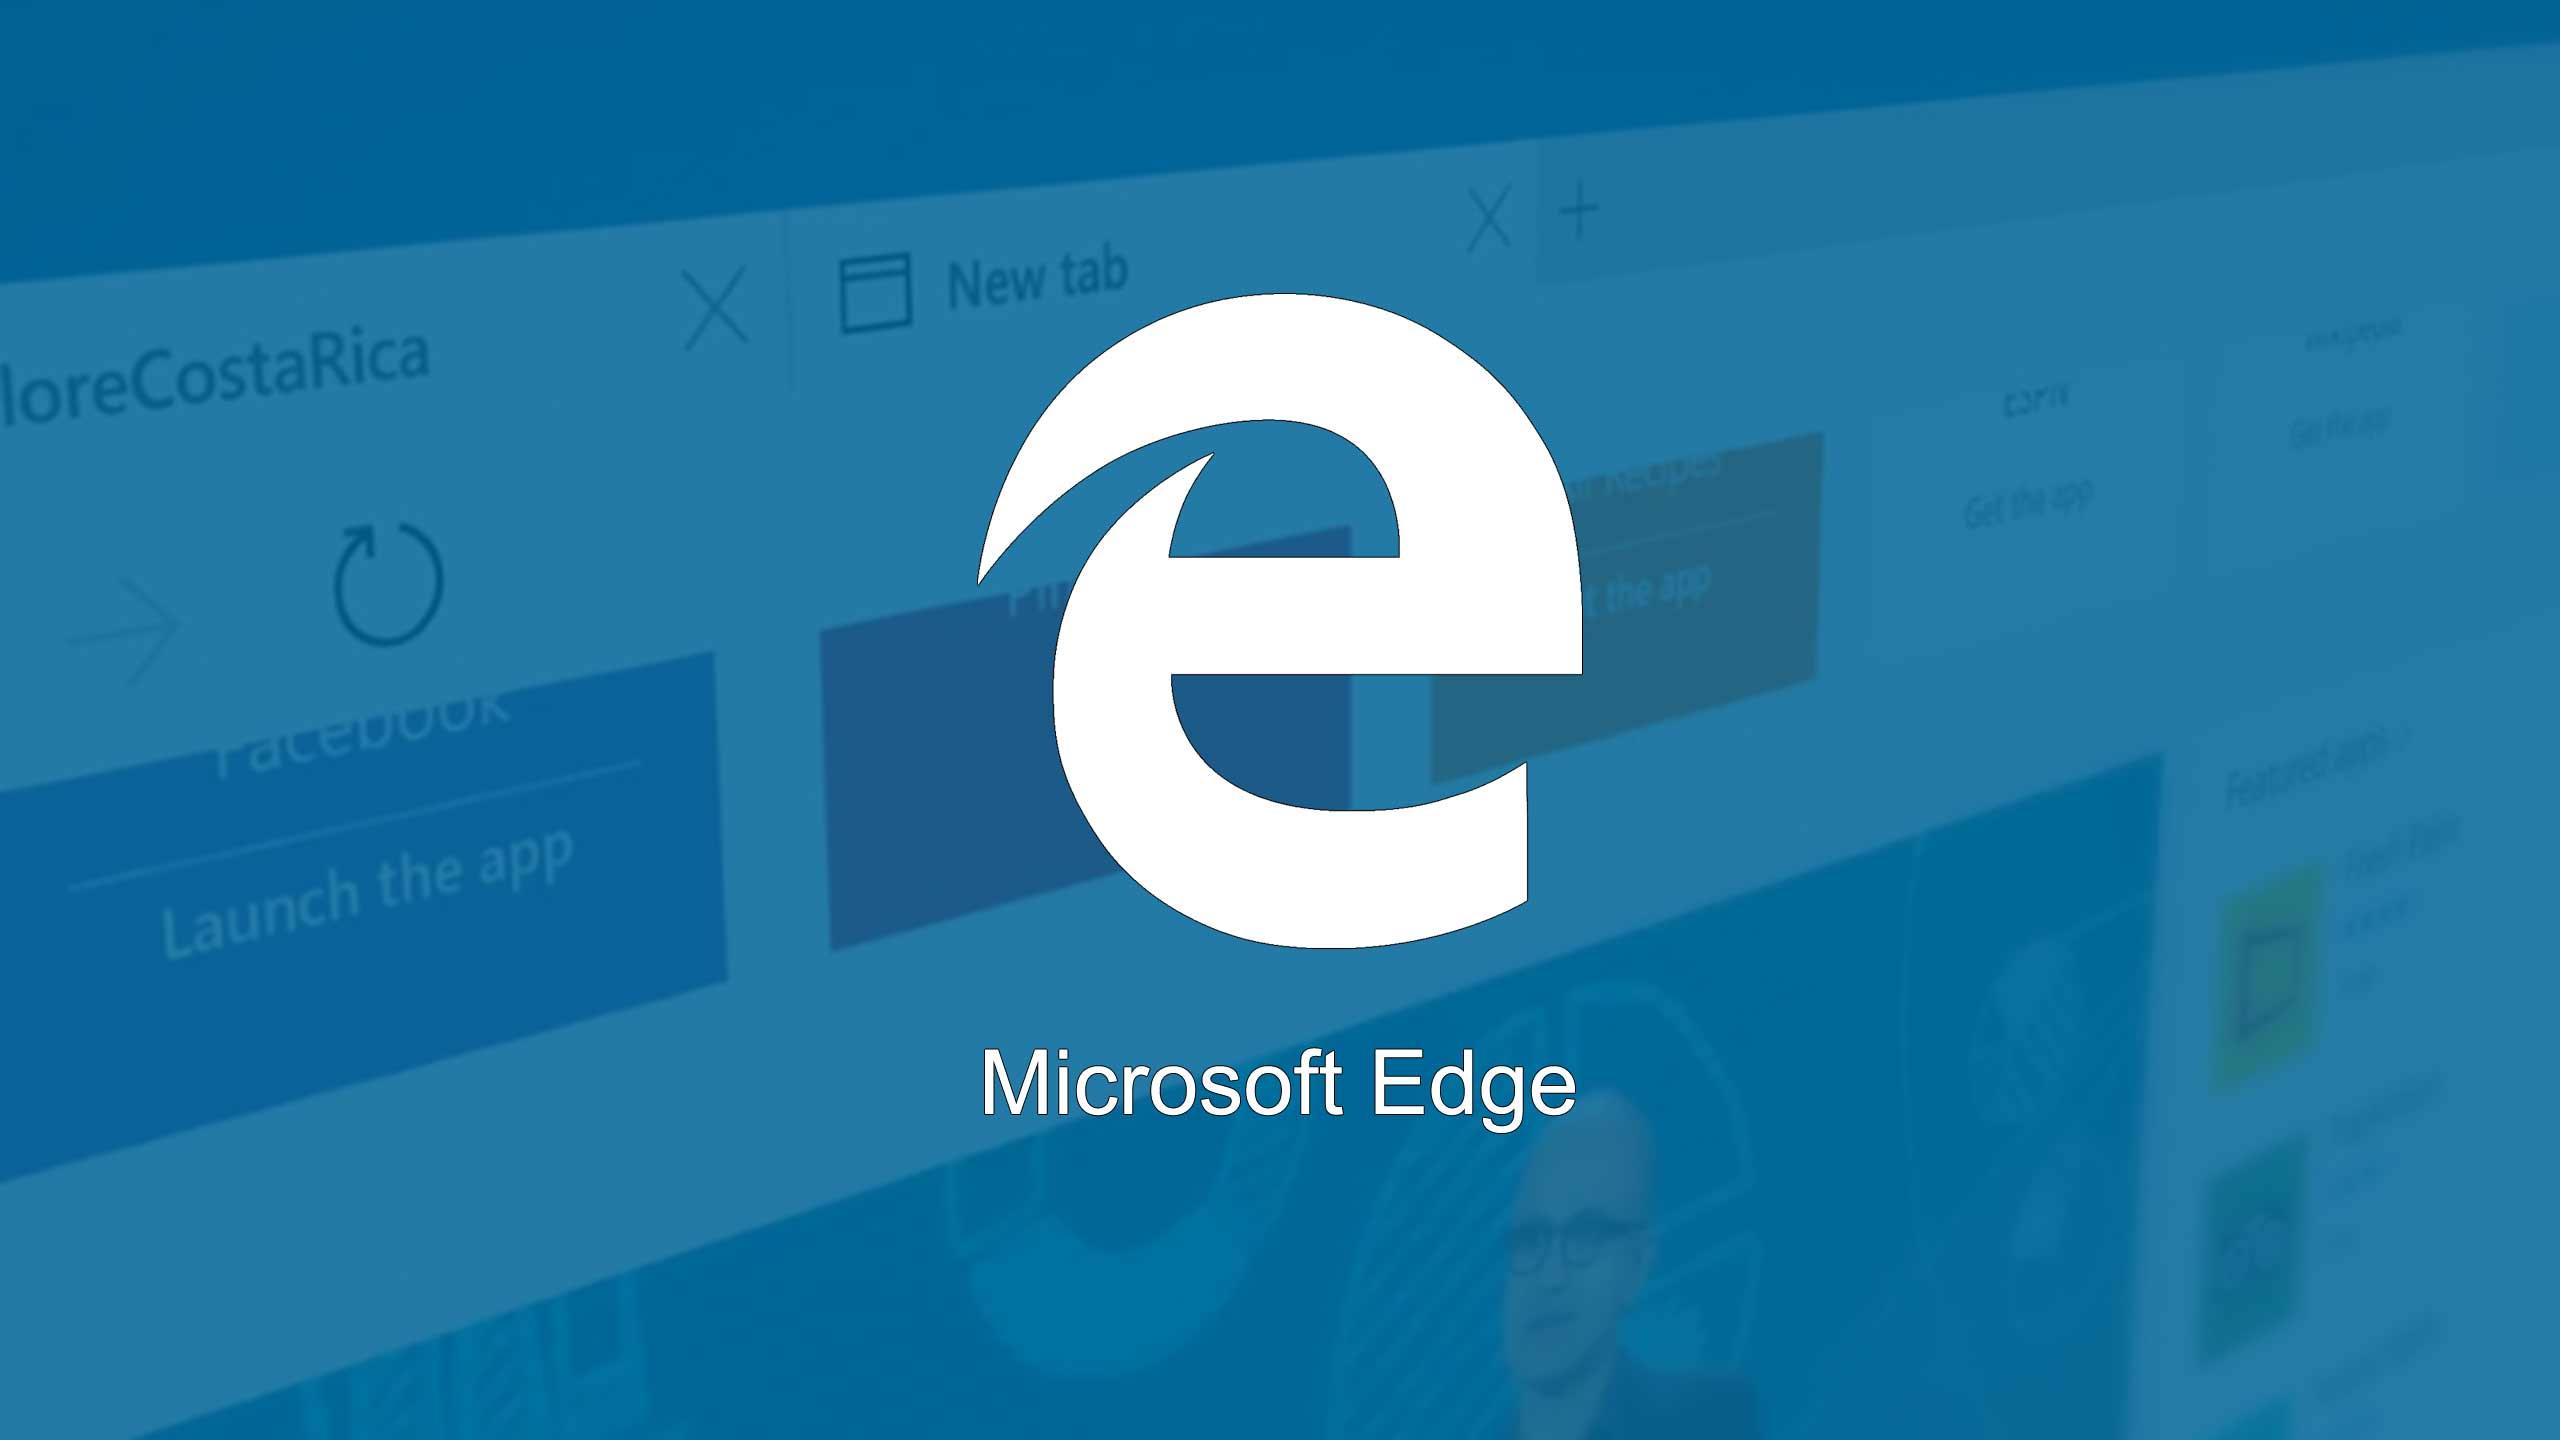 مرورگر مایکروسافت Edge در حال حاضر بر روی بیش از 330 میلیون دستگاه فعال است